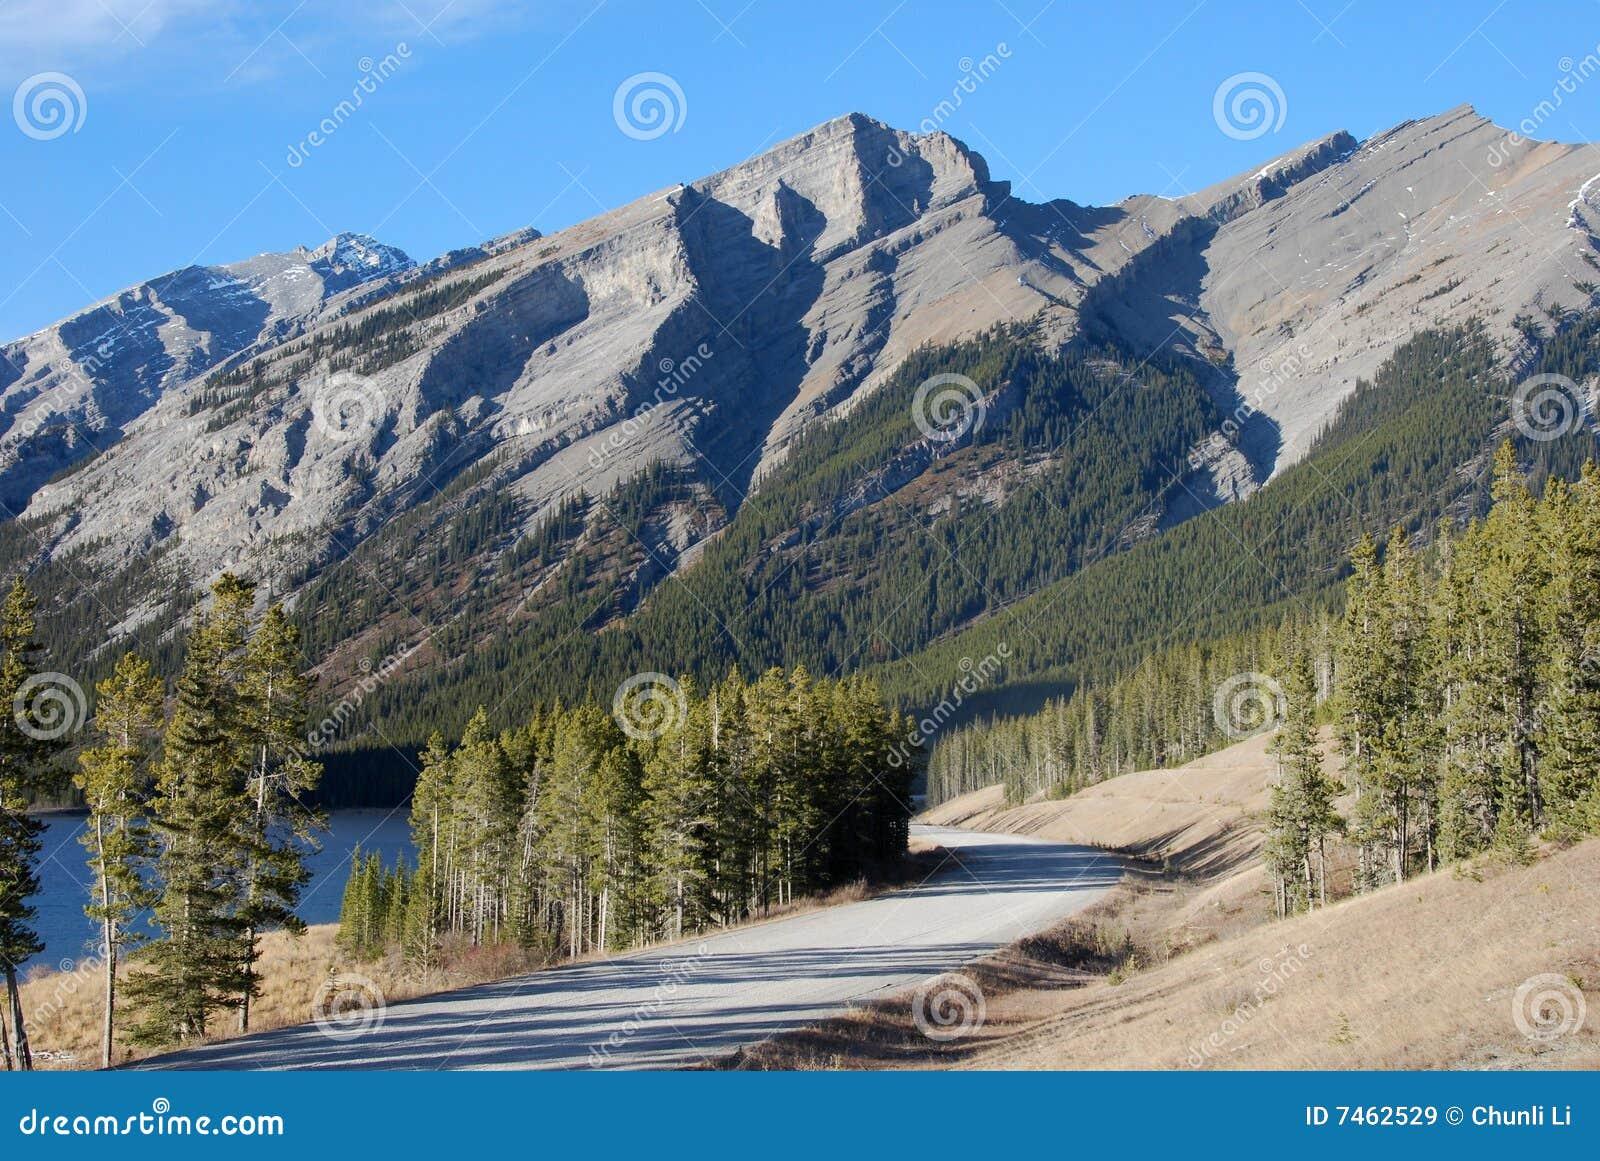 Highway in Rockies